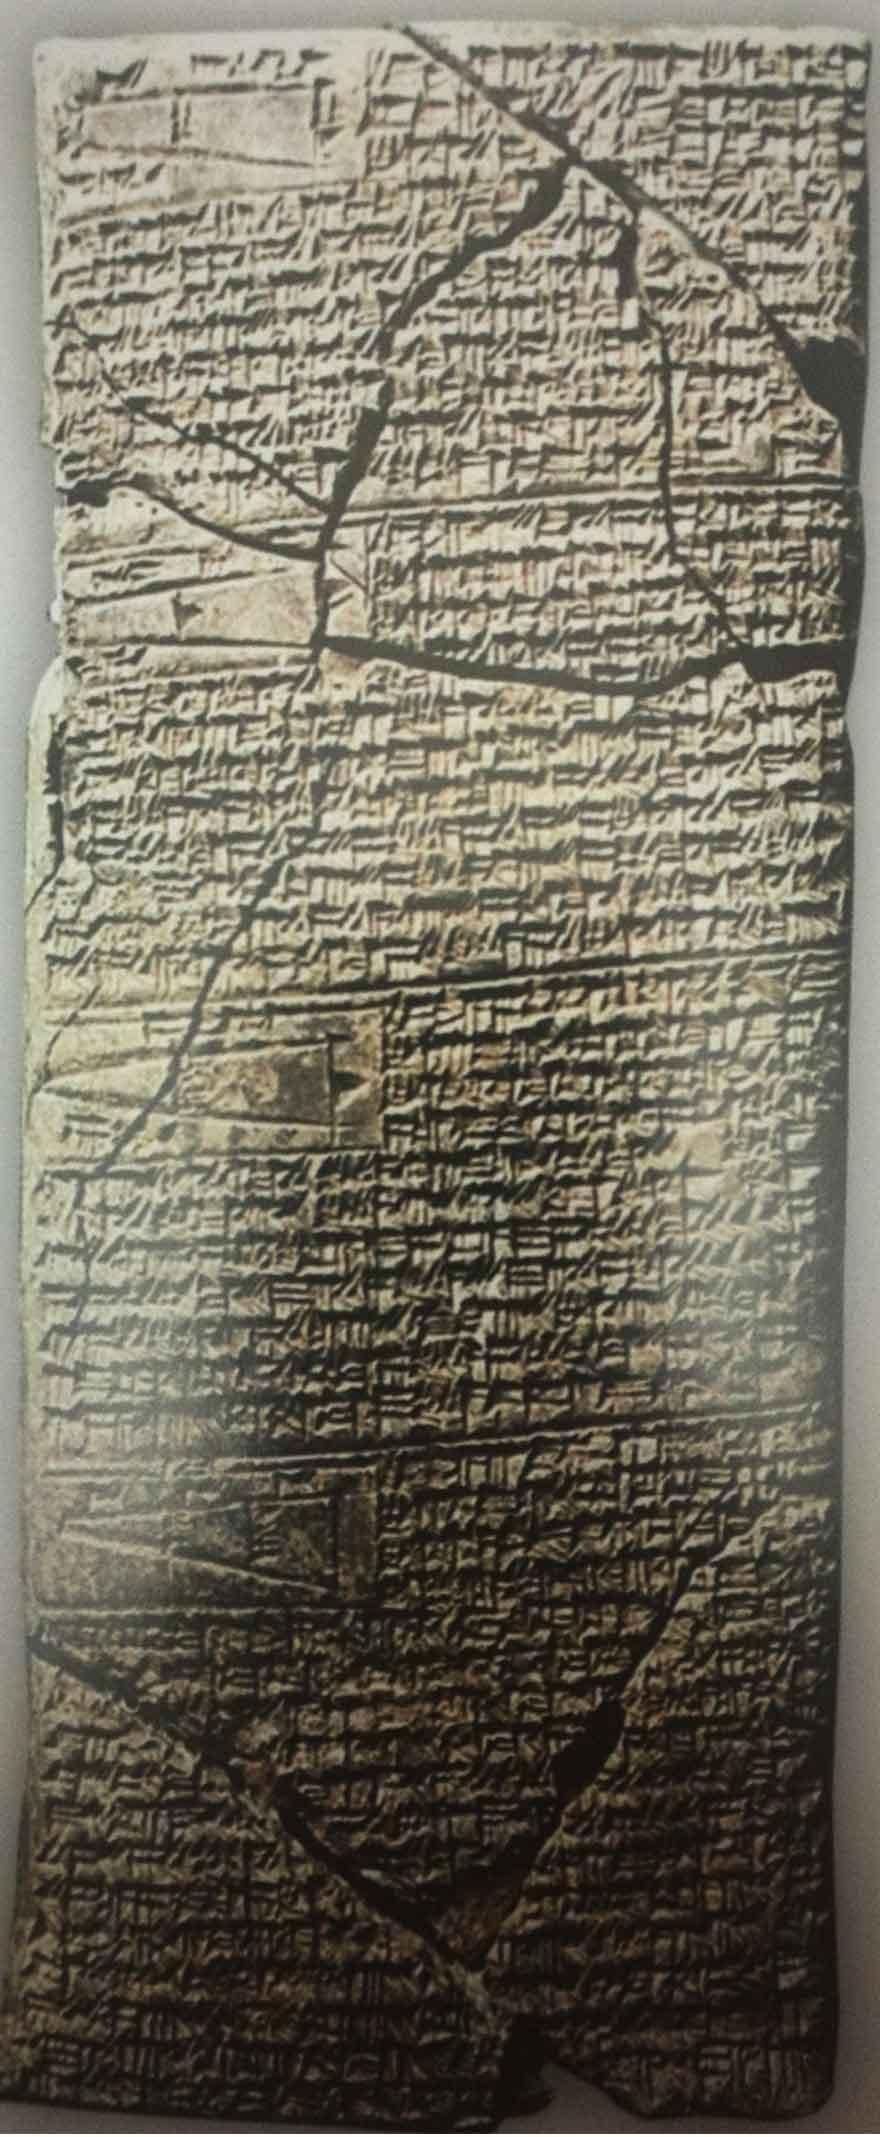 İbrahim Okur: MÖ 19. yüzyıla ait olan ve Babil'de bulunan bir tablet. 2,0x8,2x2,9 sm boyutlarında olan tablet, yamuklarla ve üçgenlerle ilgili çeşitli problemleri ve 60 tabanlı Sumer sisteminde çözüm yollarını göstermektedir. Tales'ten ve Piasagor'dan 1200 yıl önce Sumerlilerin geometri problemlerini nasıl çözdükleri bu tabletler üzerinde açıkça görülmektedir. Tablet üzerinde 4 problem, çözümleriyle birlikte yer almaktadır.